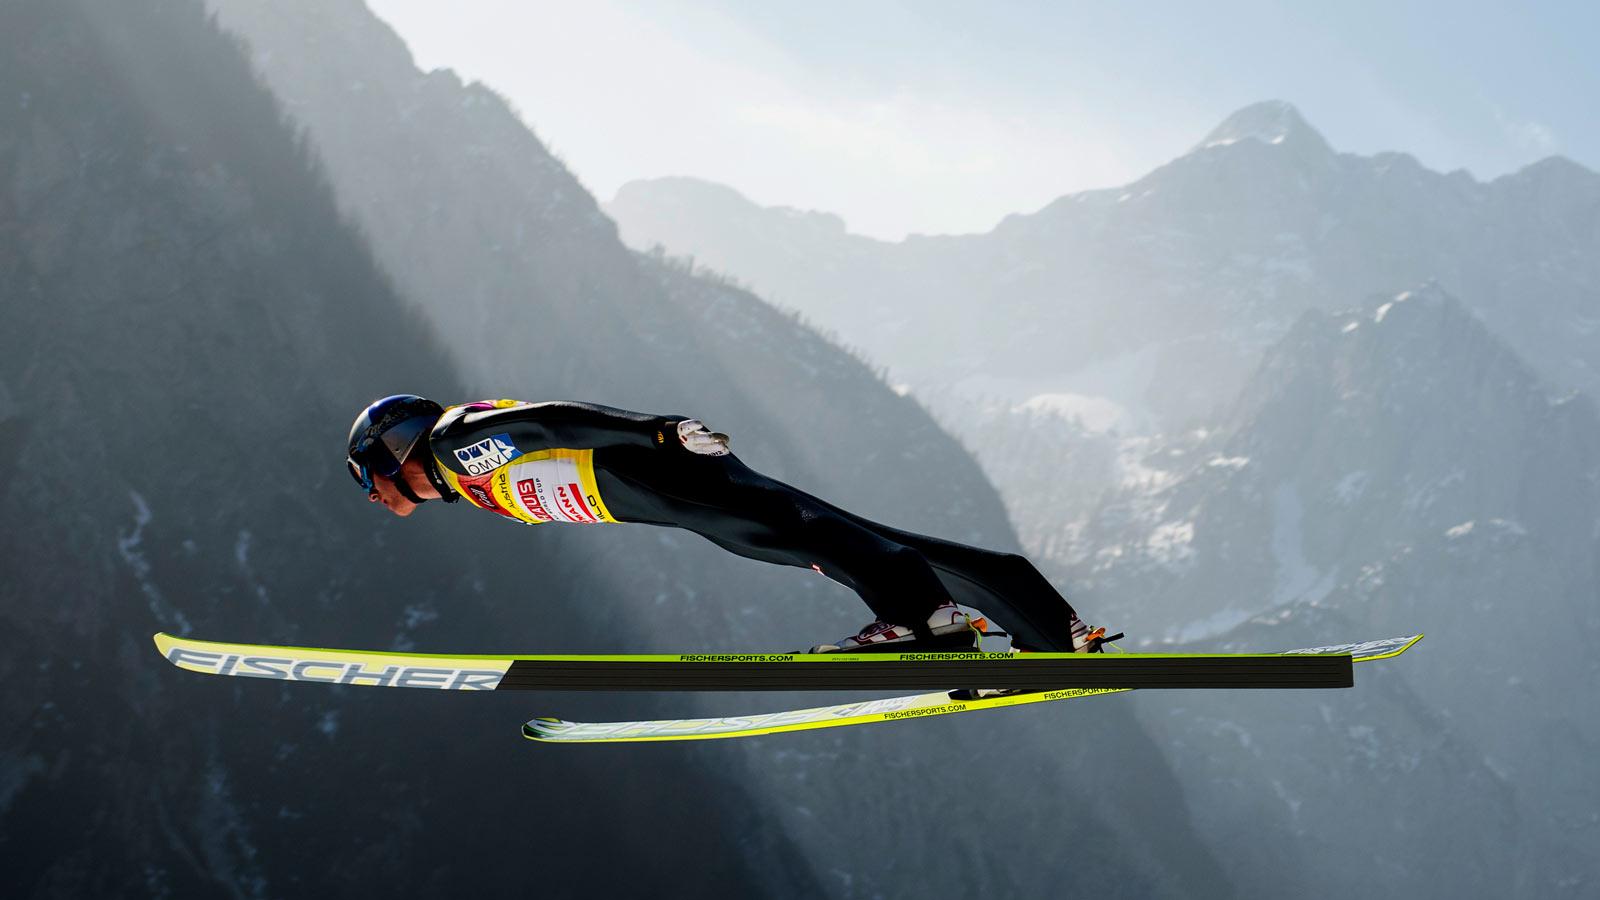 Прыжки на лыжах с трамплина - Центр спортивной подготовки Республики Татарстан